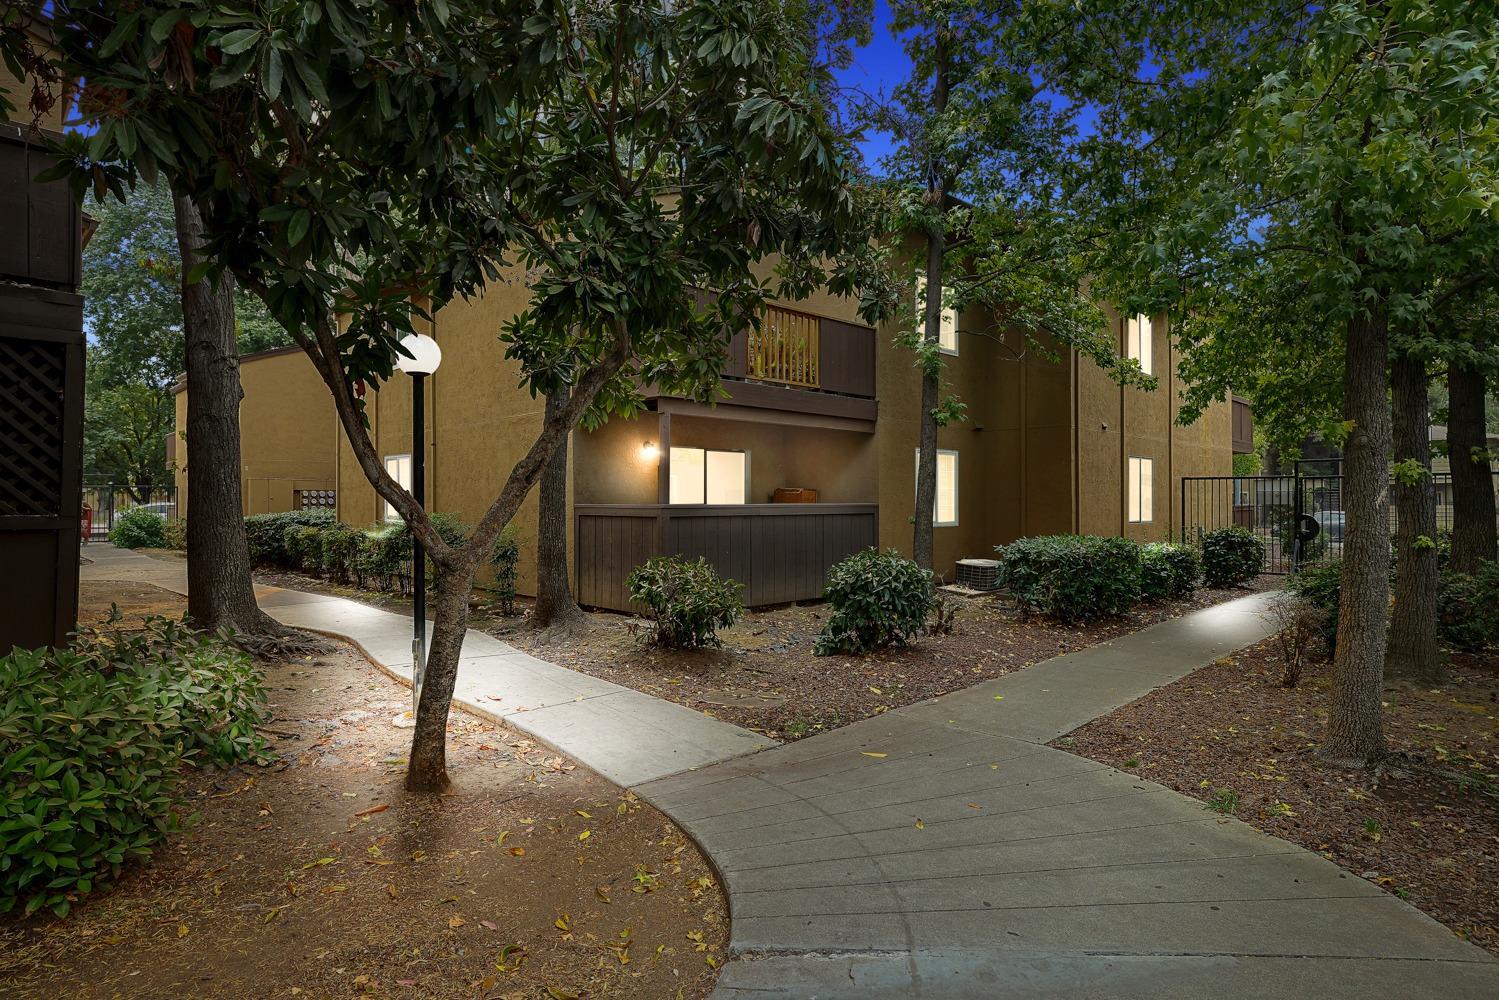 Photo of 4332 Pacific Avenue, Stockton, CA 95207